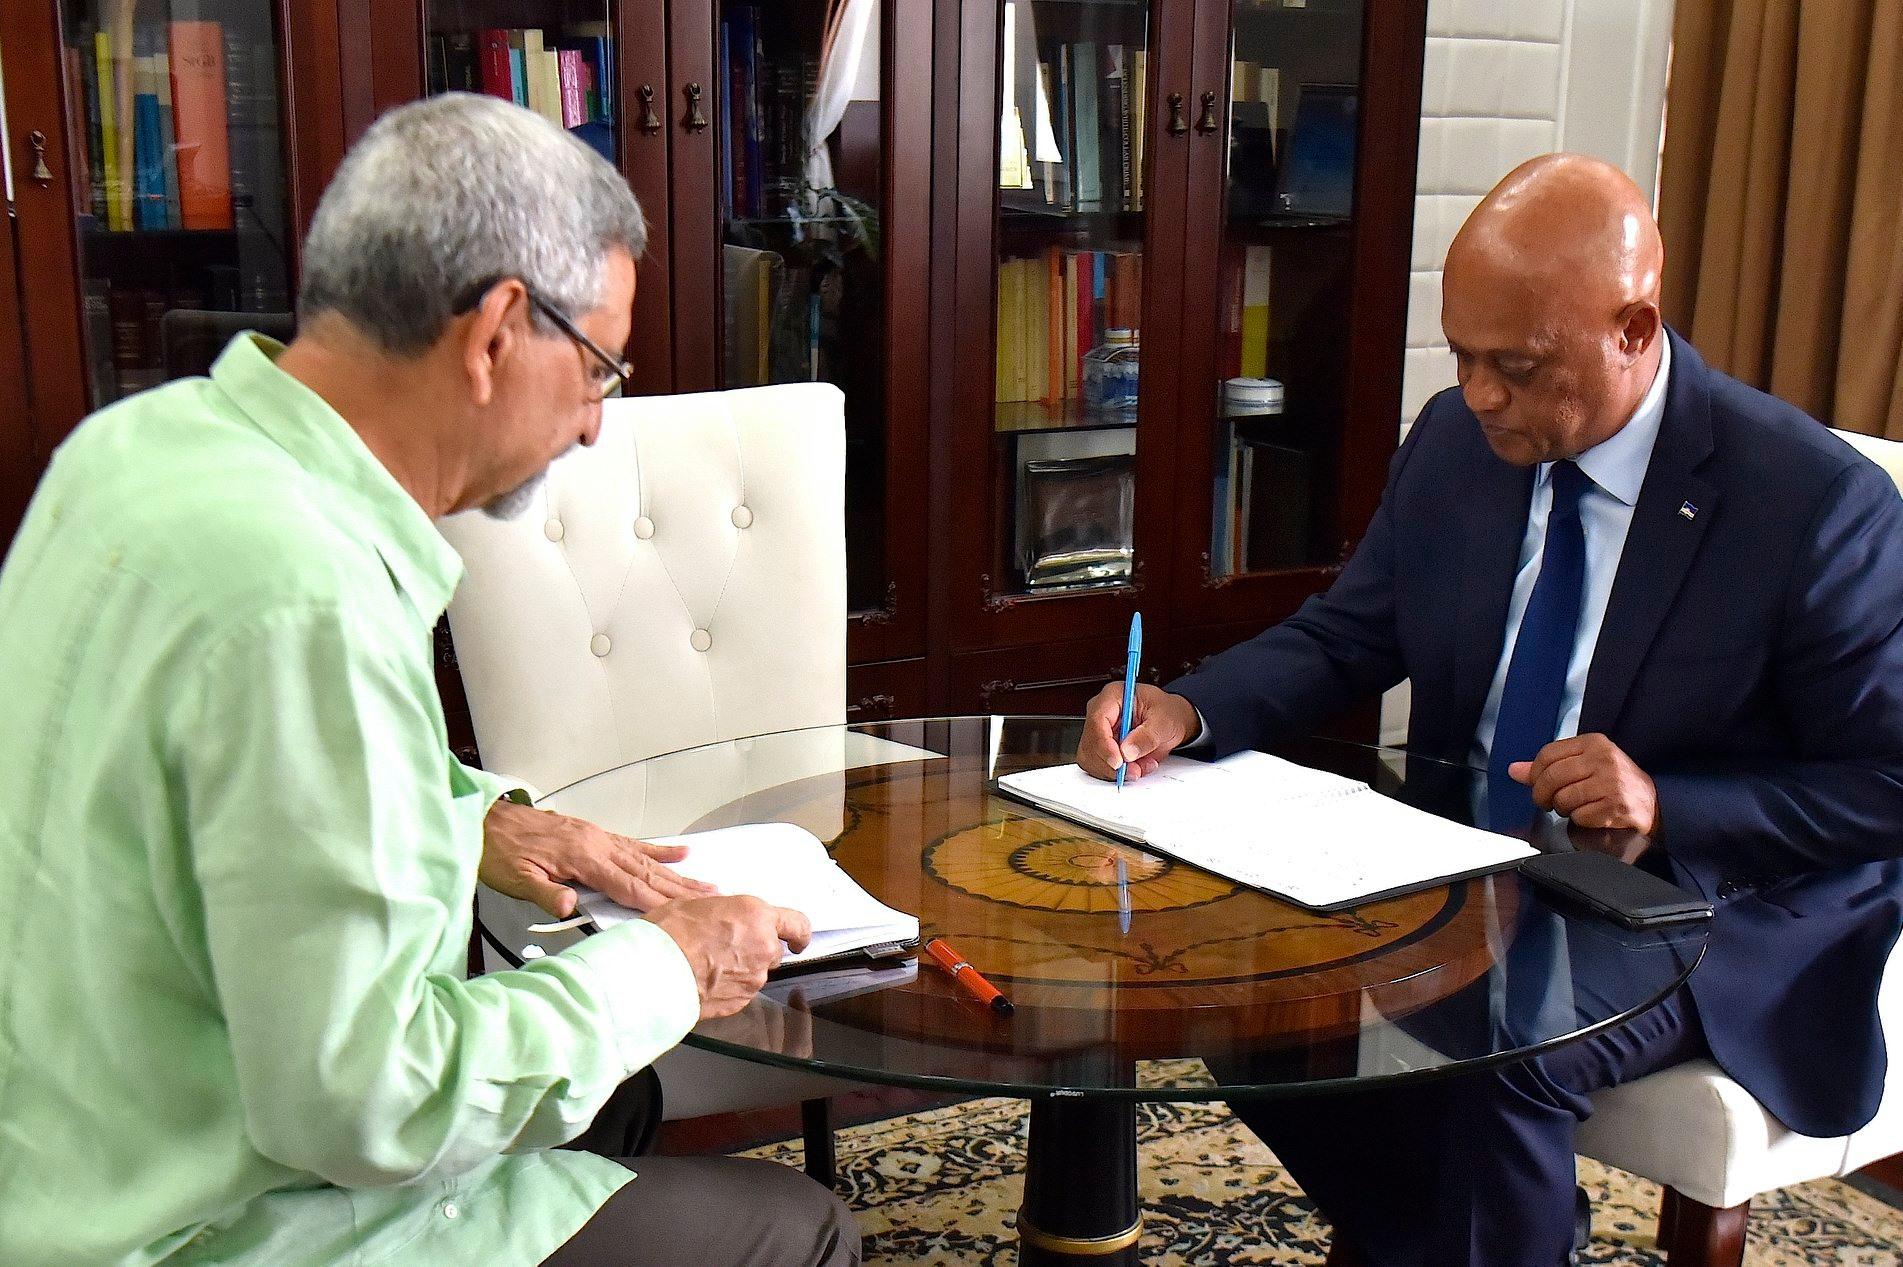 Presidente cabo-verdiano Jorge Carlos Fonseca com ministro dos Negócios Estrangeiros Luís Filipe Tavares